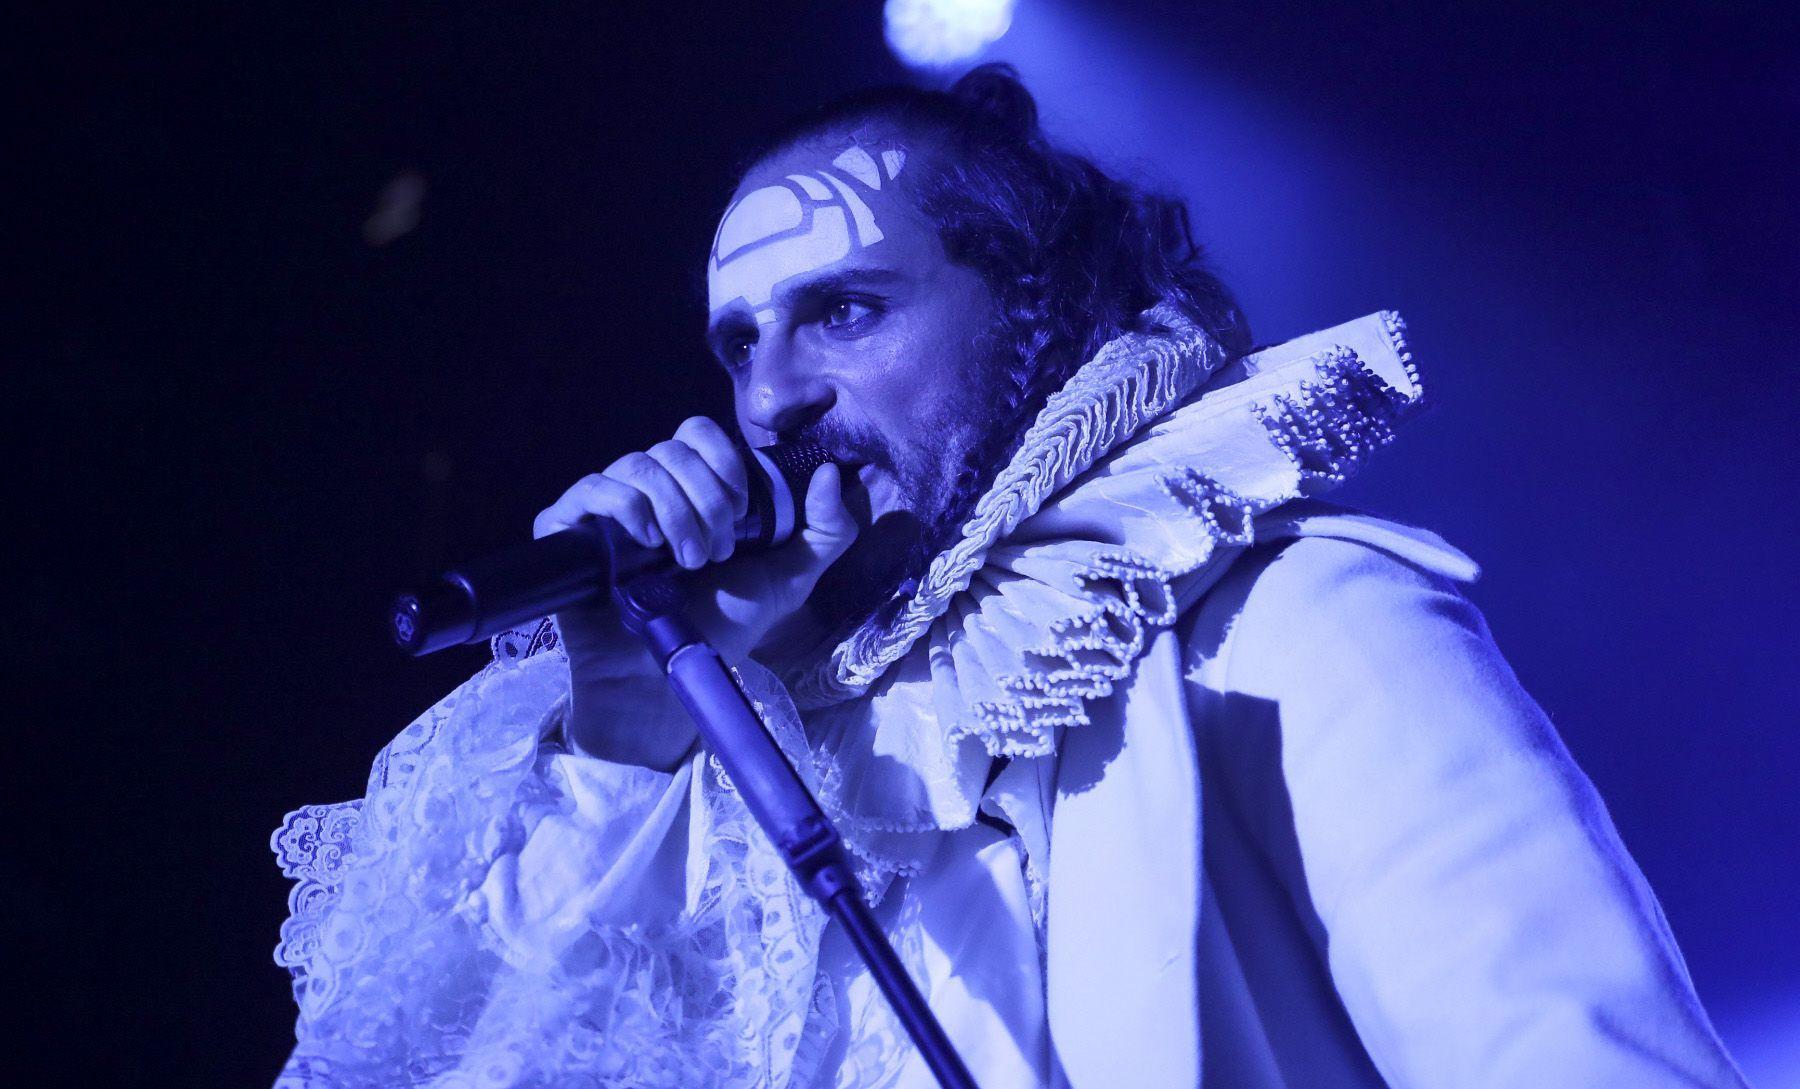 ASIER ETXEANDÍA actuará con su grupo MASTODONTE en la clausura del 22 Festival de Málaga